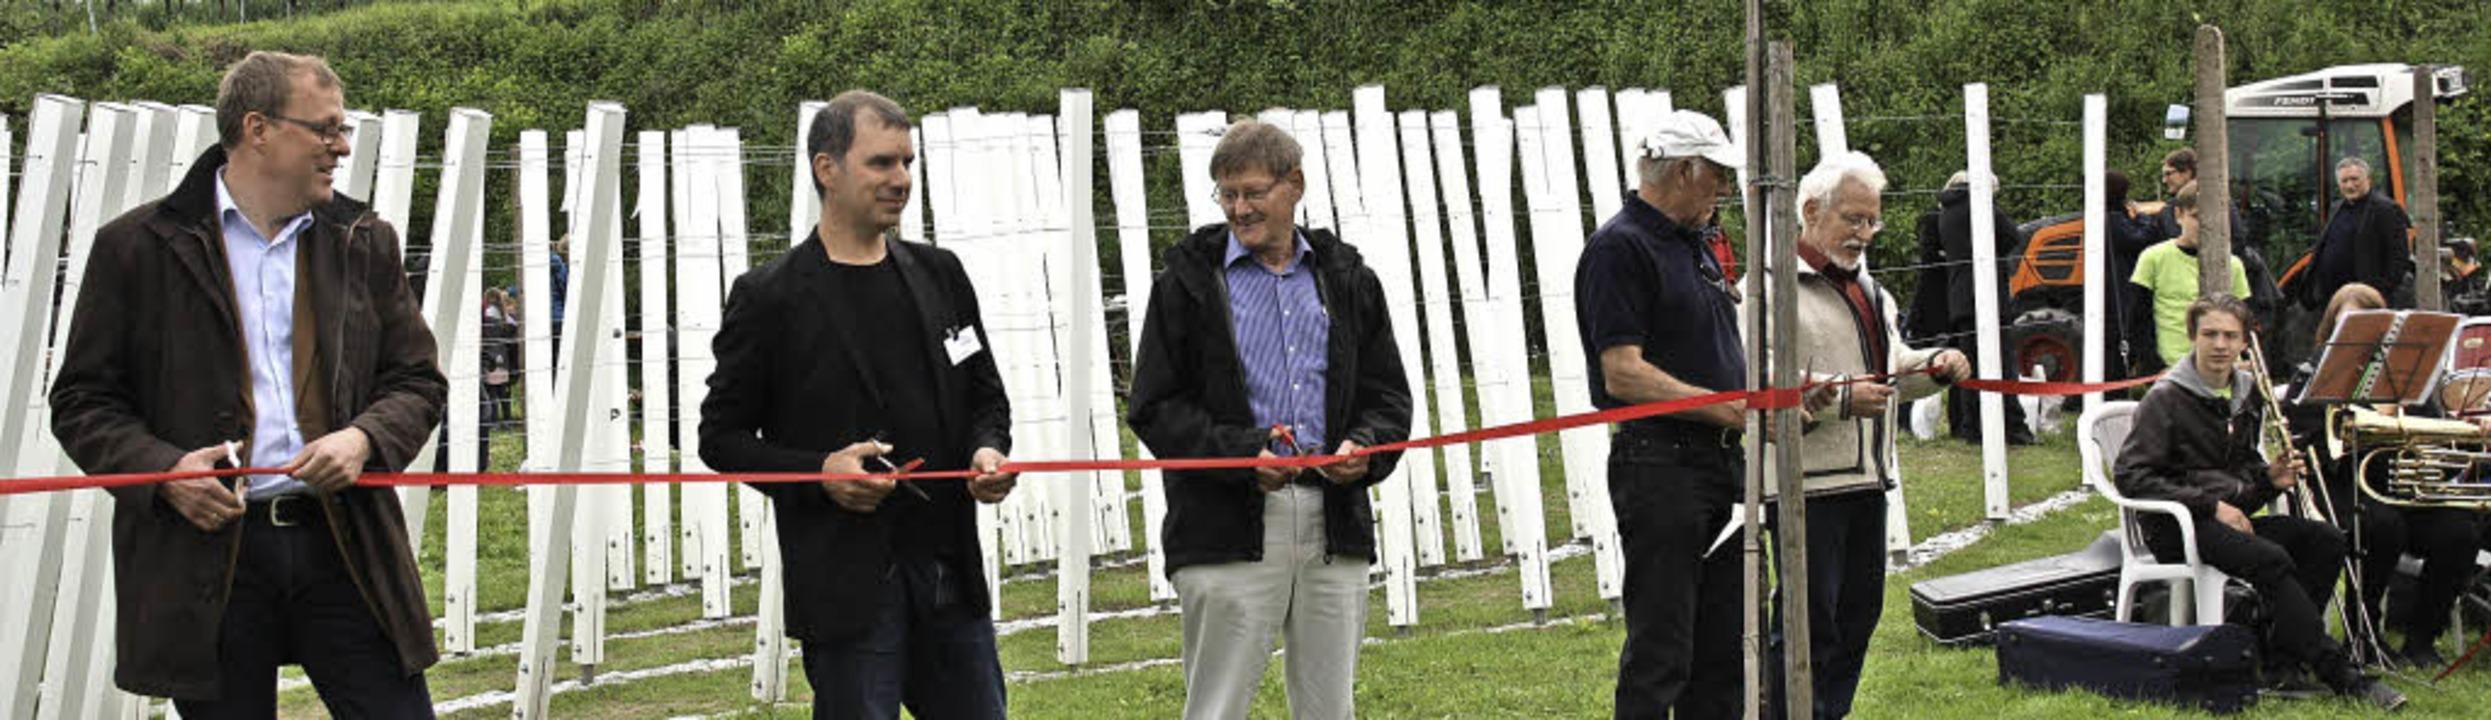 Bahlinger Kulturwochenende: Offizielle...berl und Helmut Schöpflin (von links).  | Foto: Christiane Franz